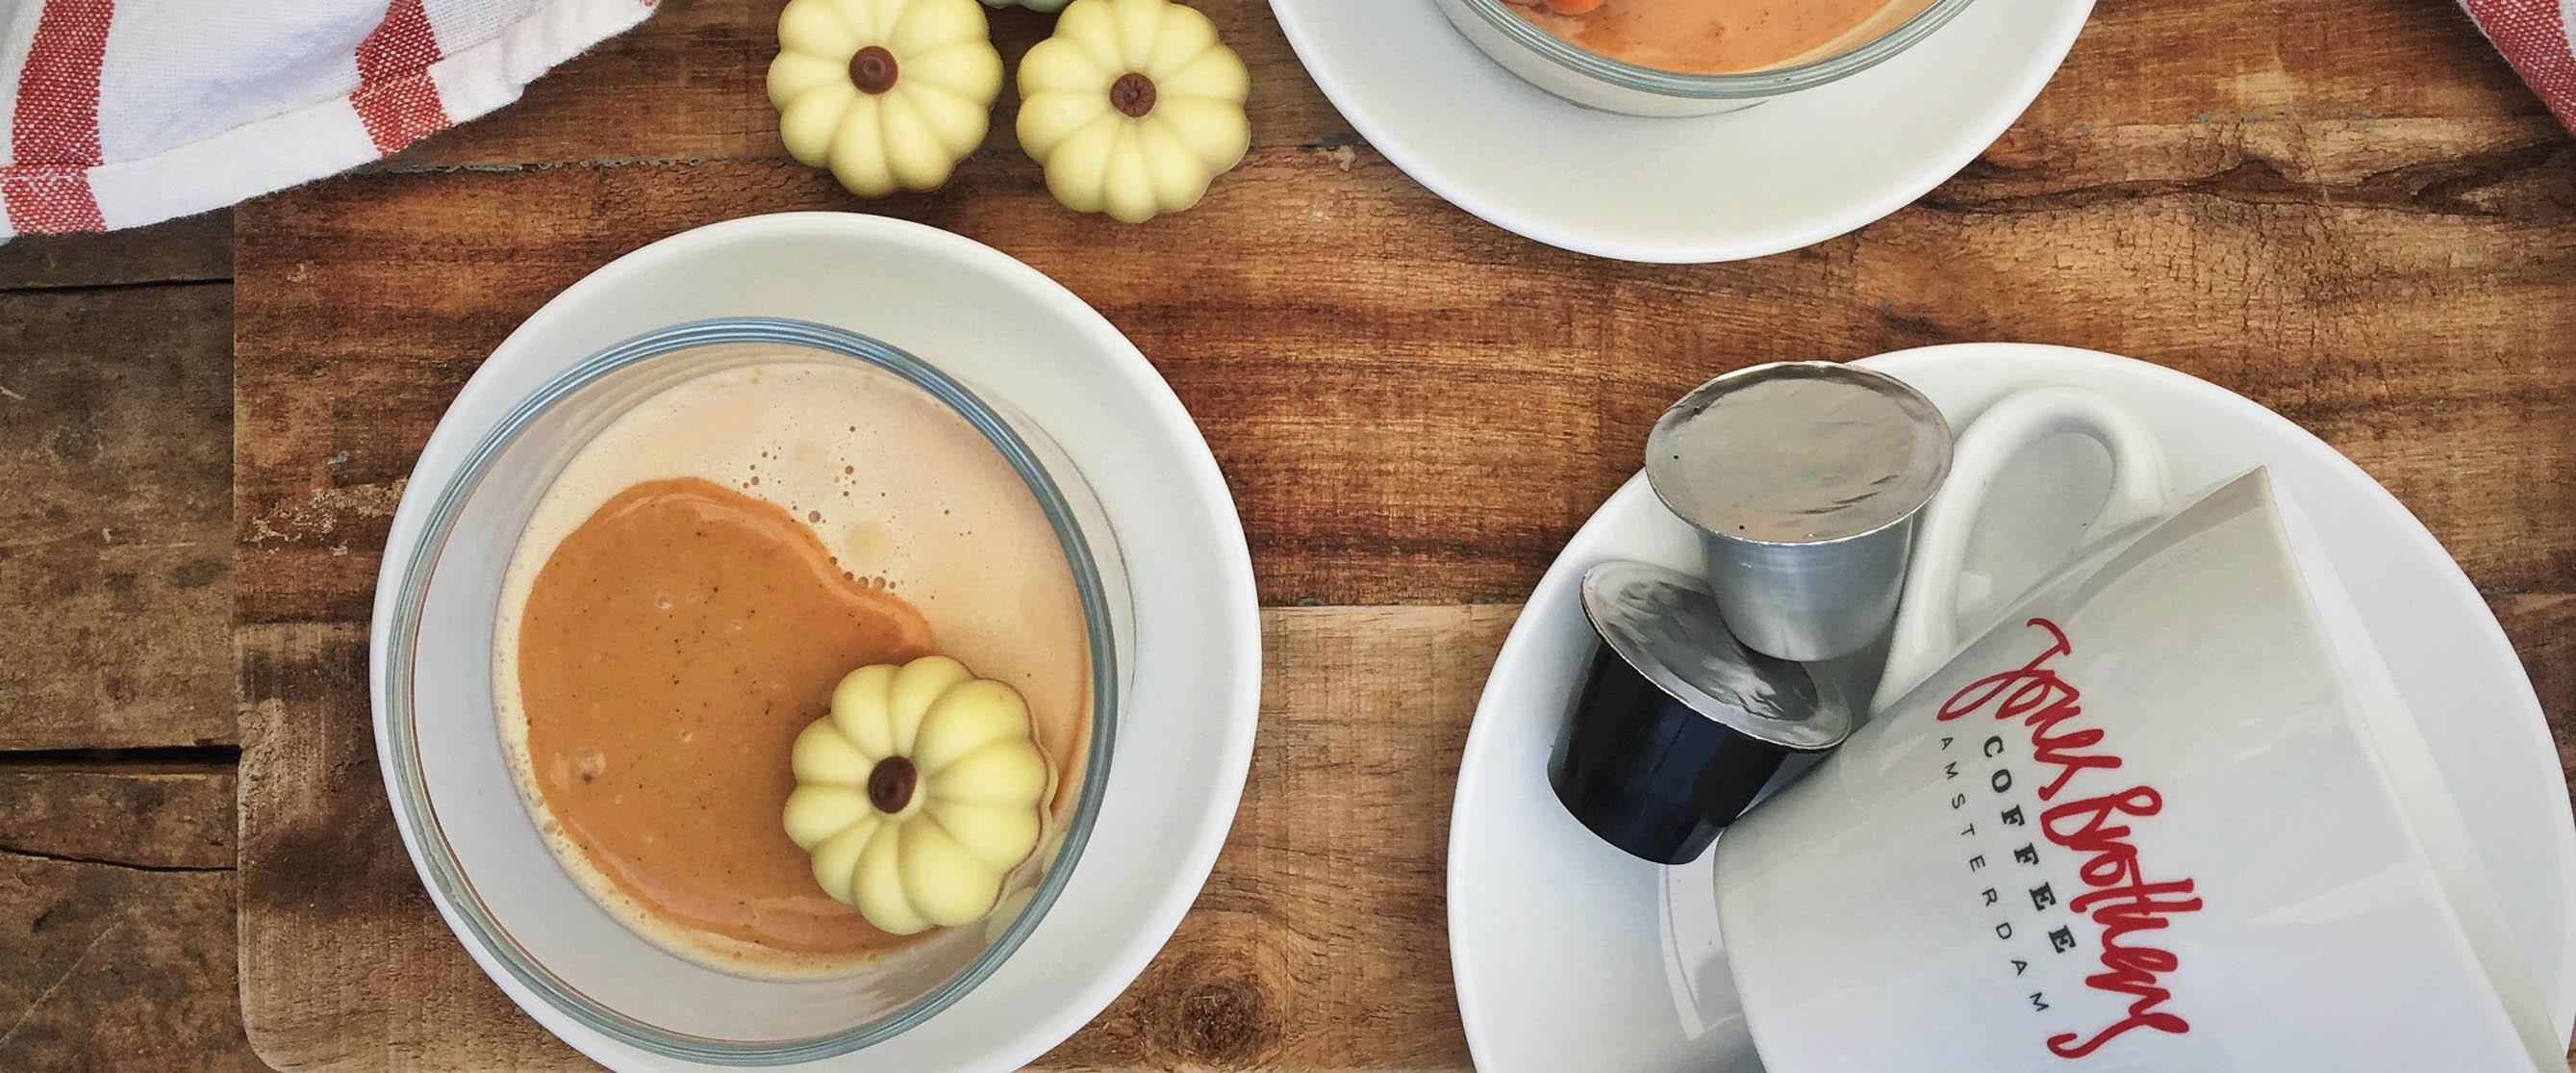 Cappuccino-panna-cotta-met-pumpkin-spice-karamel1